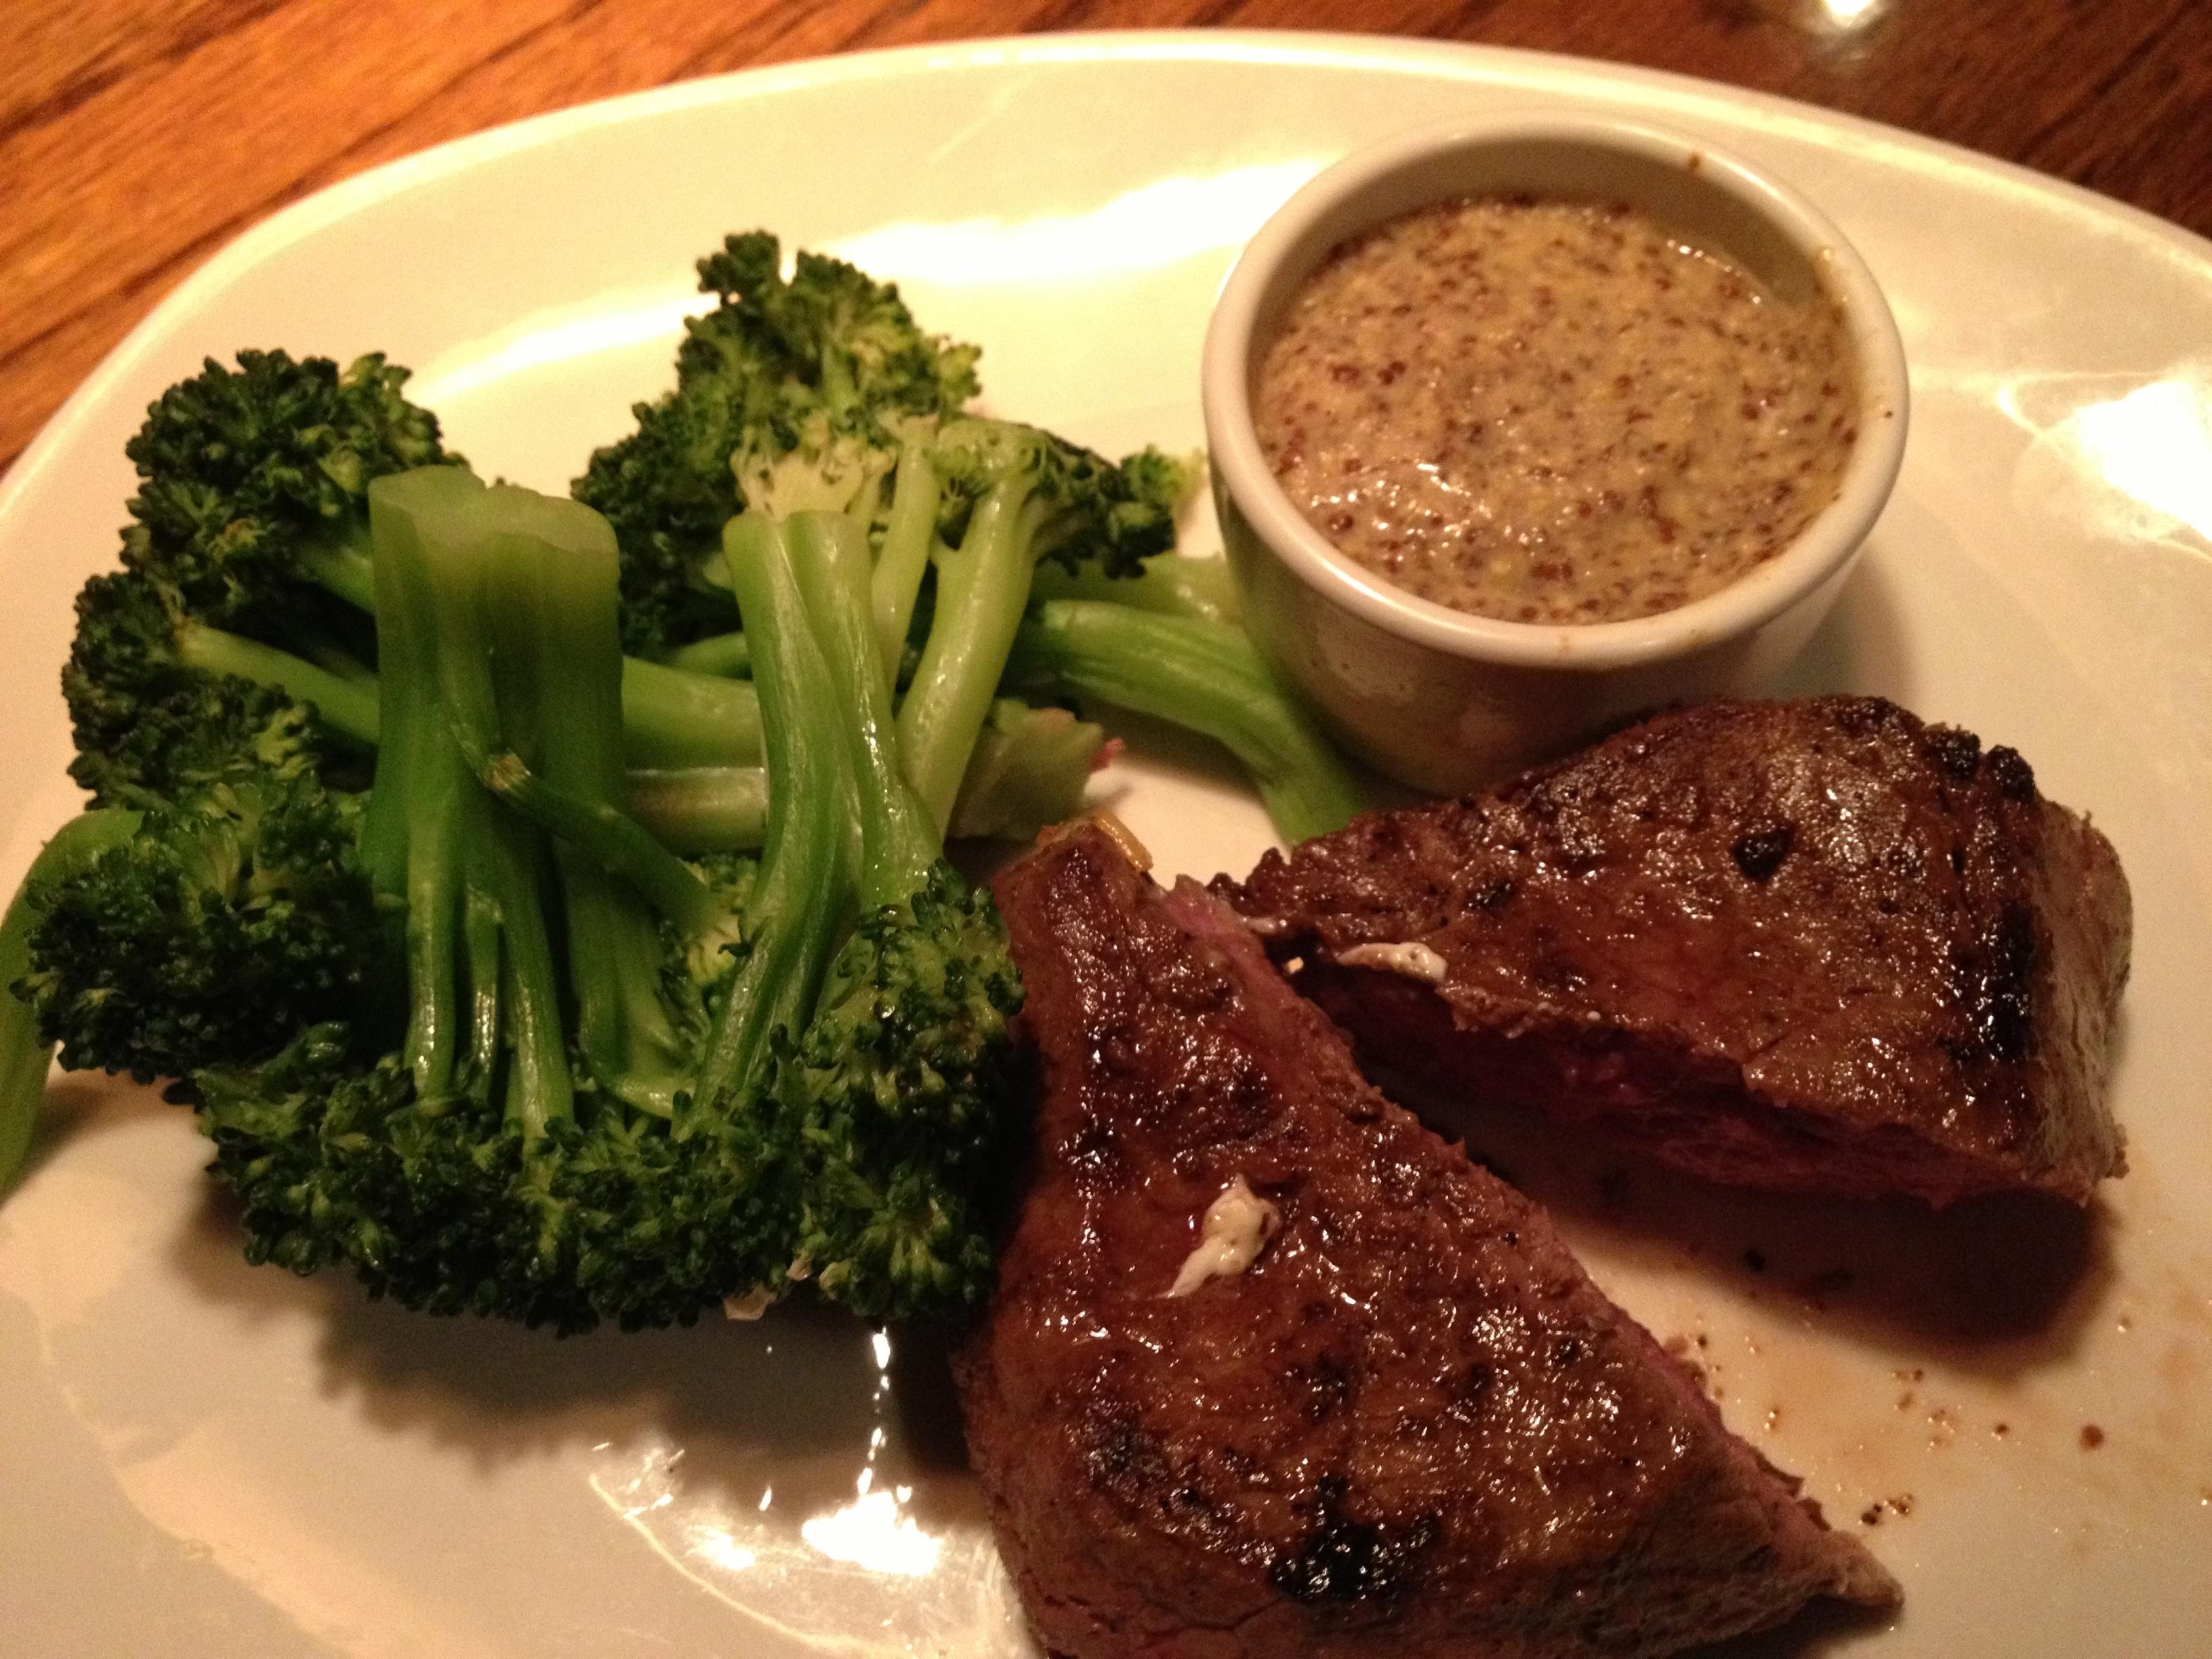 images of steak dinner - photo #31